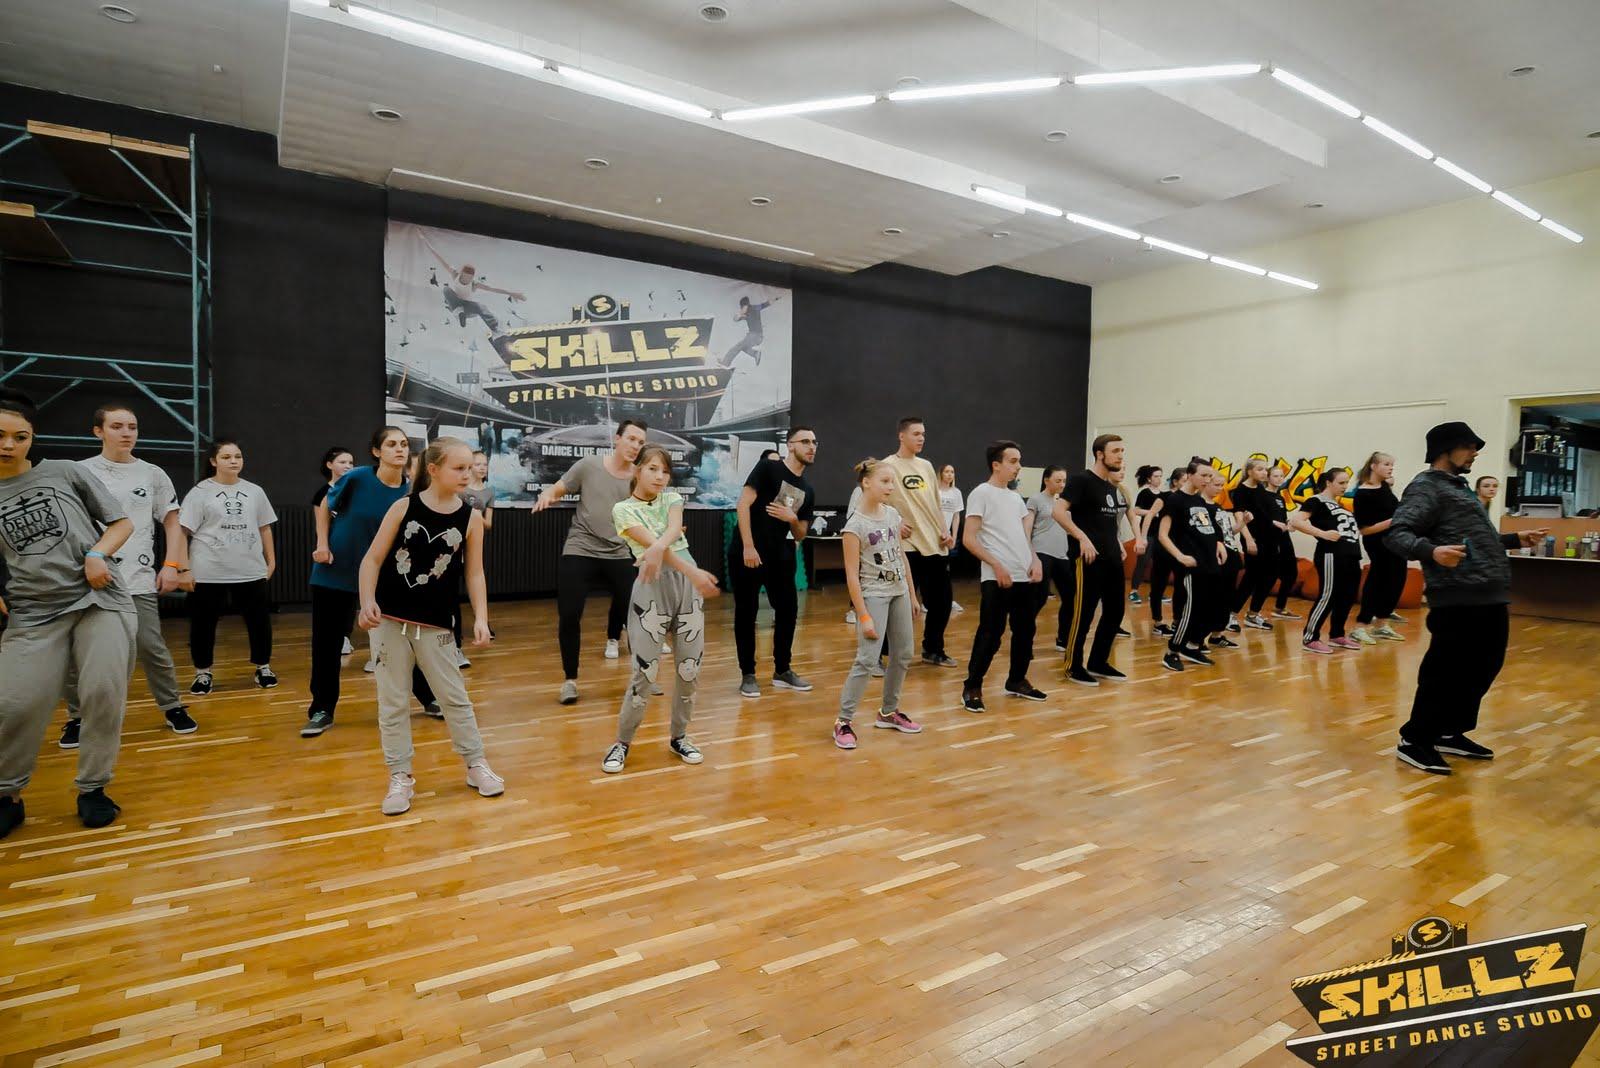 Hip hop seminaras su Jeka iš Maskvos - _1050148.jpg